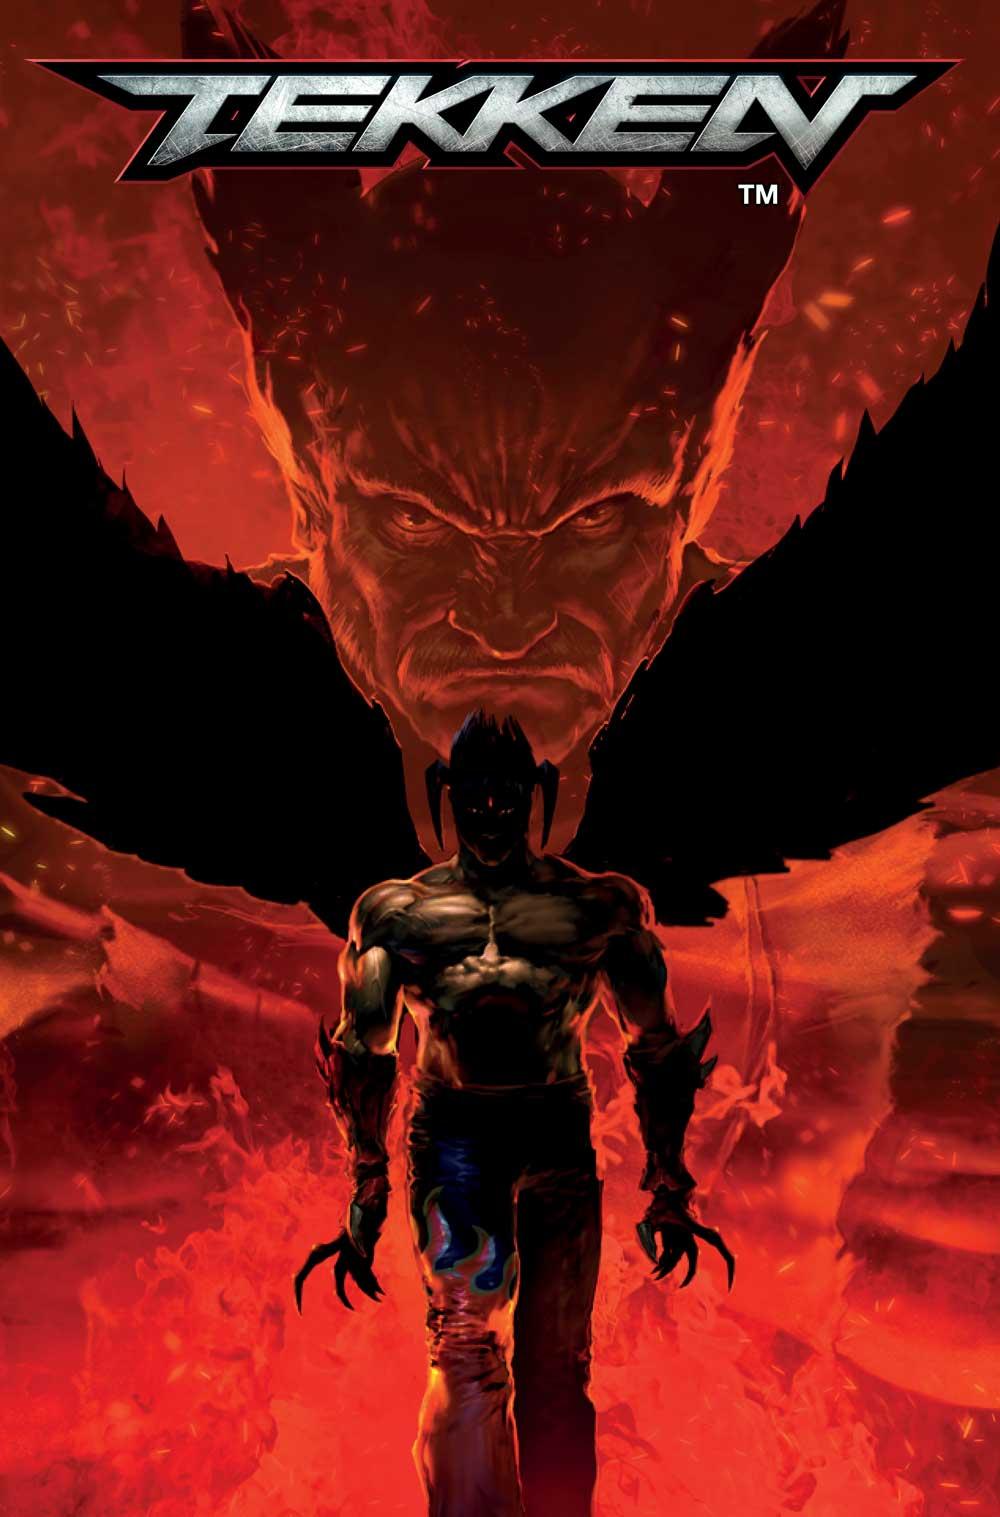 Tekken_01_COVER_C_ANTON_K.jpg